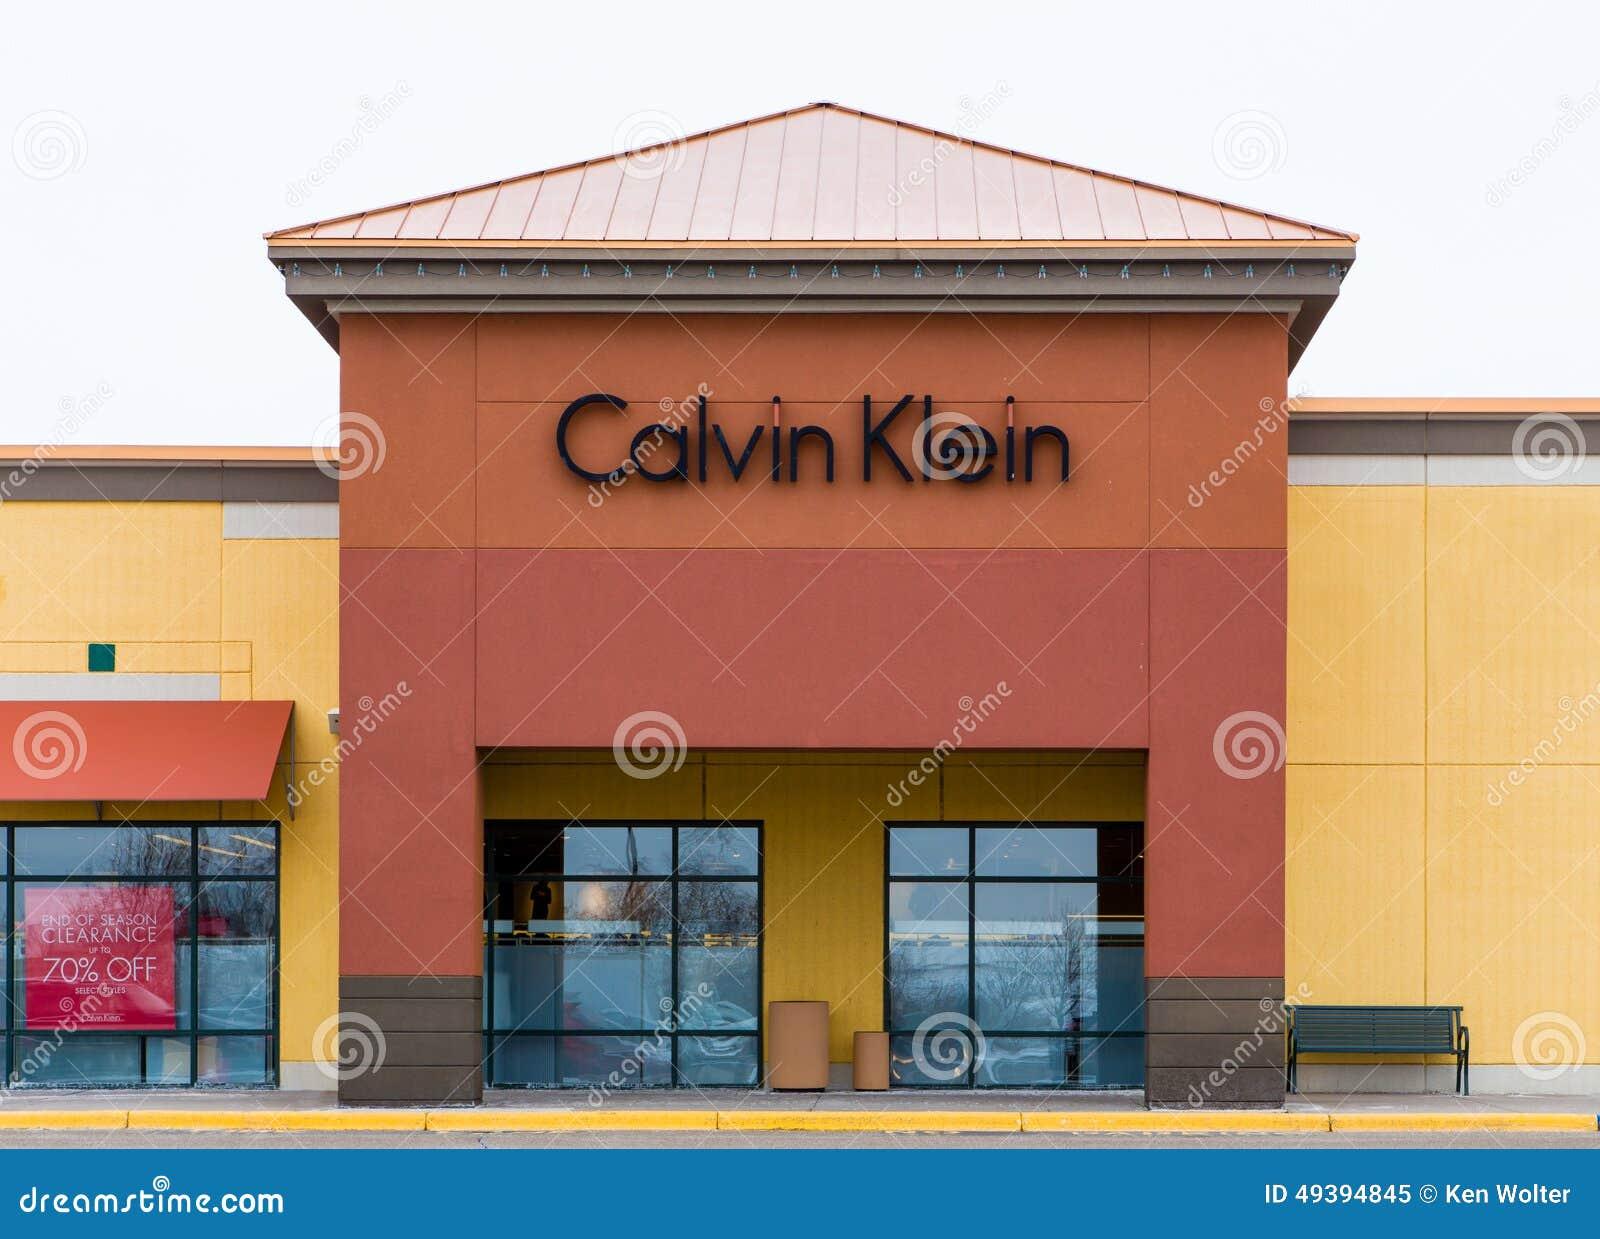 Calvin Klein - American Fashion House - The Fashionisto 24